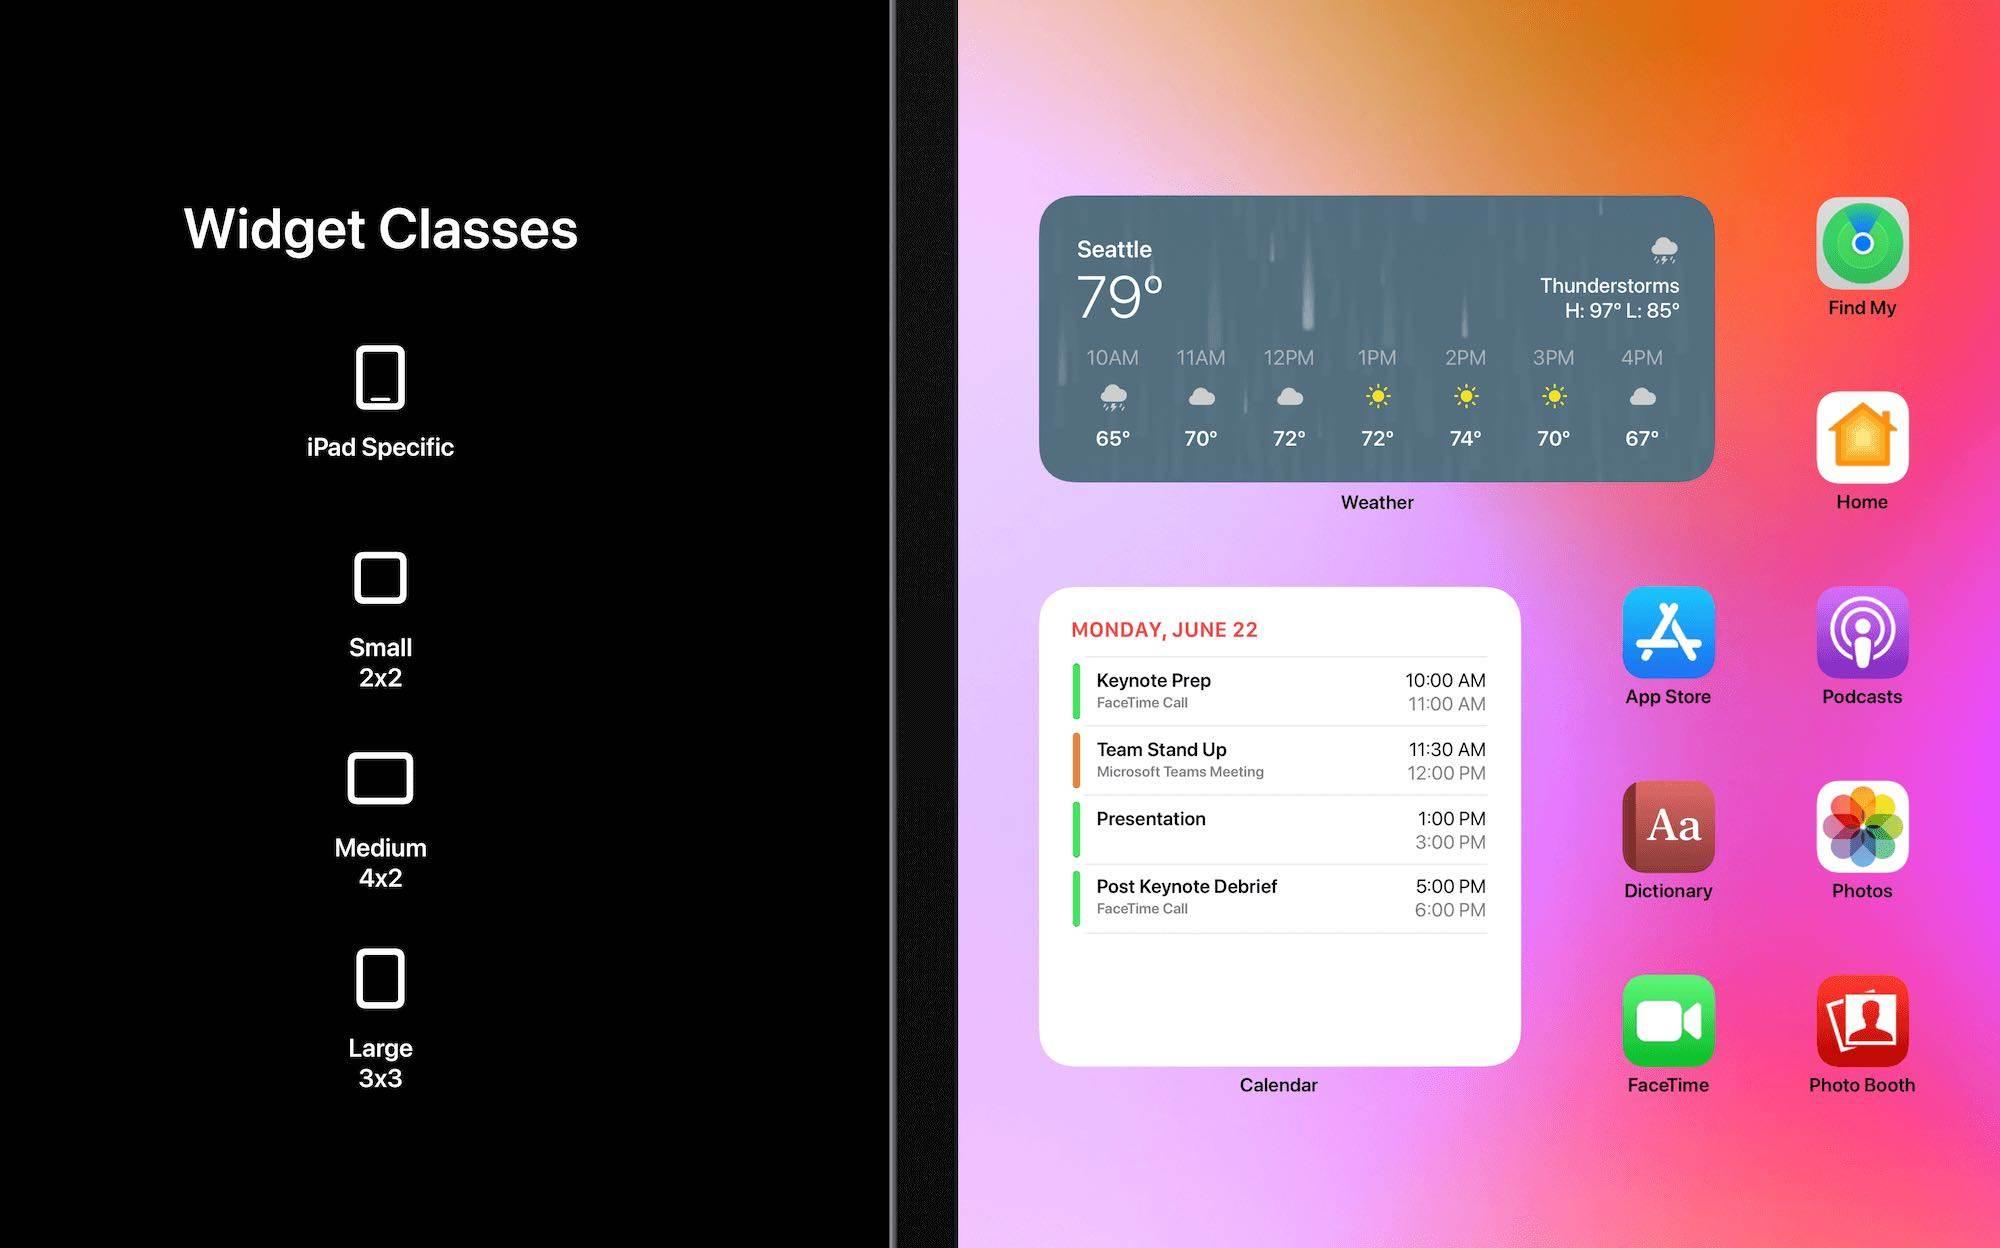 iPadOS 15 będzie miał nowy ekran główny i lepsze powiadomienia polecane, ciekawostki Nowości, lista nowości, iPadOS 15, iOS 15, co nowego w ipadOS 15, co nowego w iOS 15, co nowego  Mark Gurman z Bloomberga podzielił się nowymi informacjami na temat zbliżającego się wielkimi krokami systemu iOS 15 i iPadOS 15. iPadOS15 2